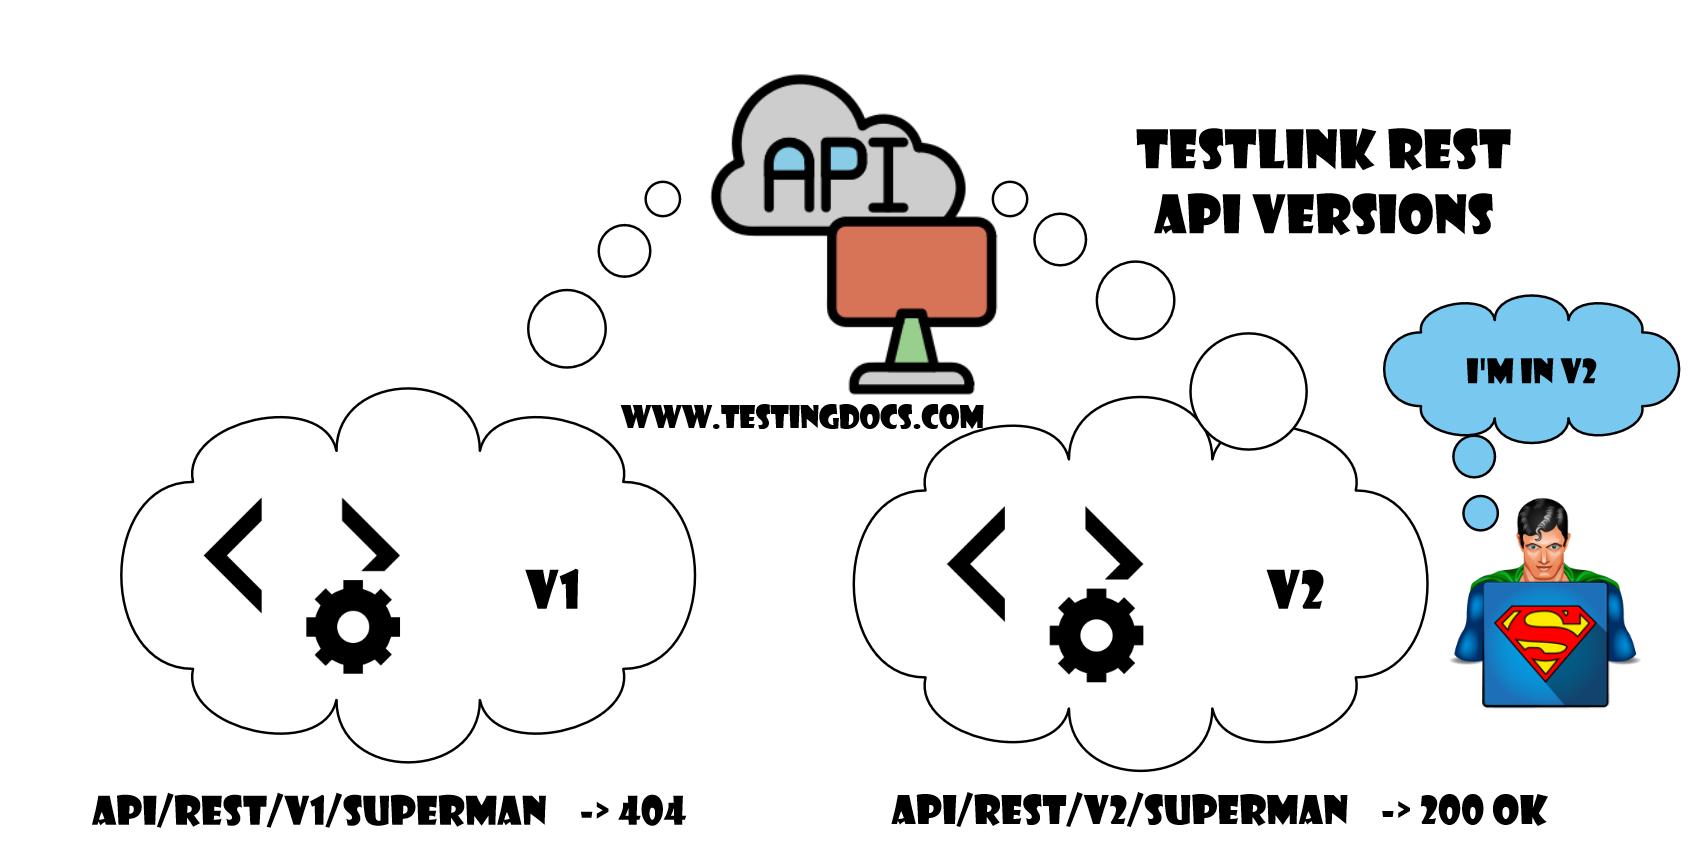 TestLink REST API Versions